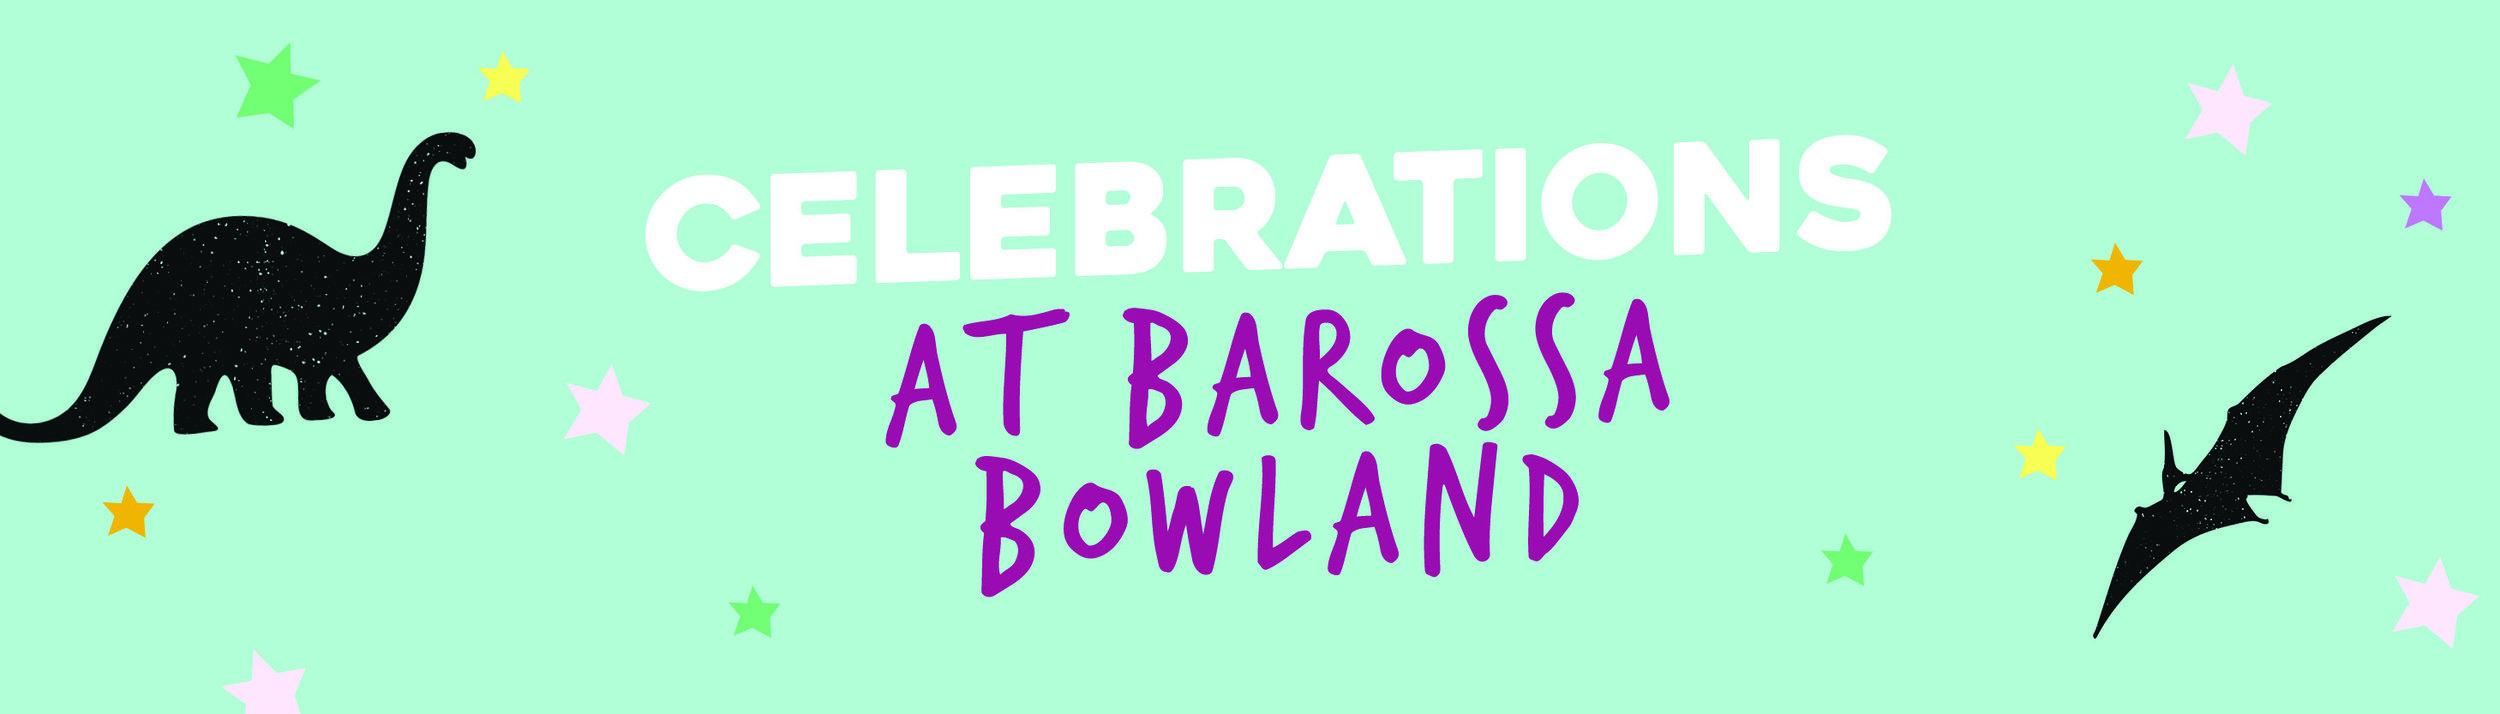 Banner_Celebrations.jpg